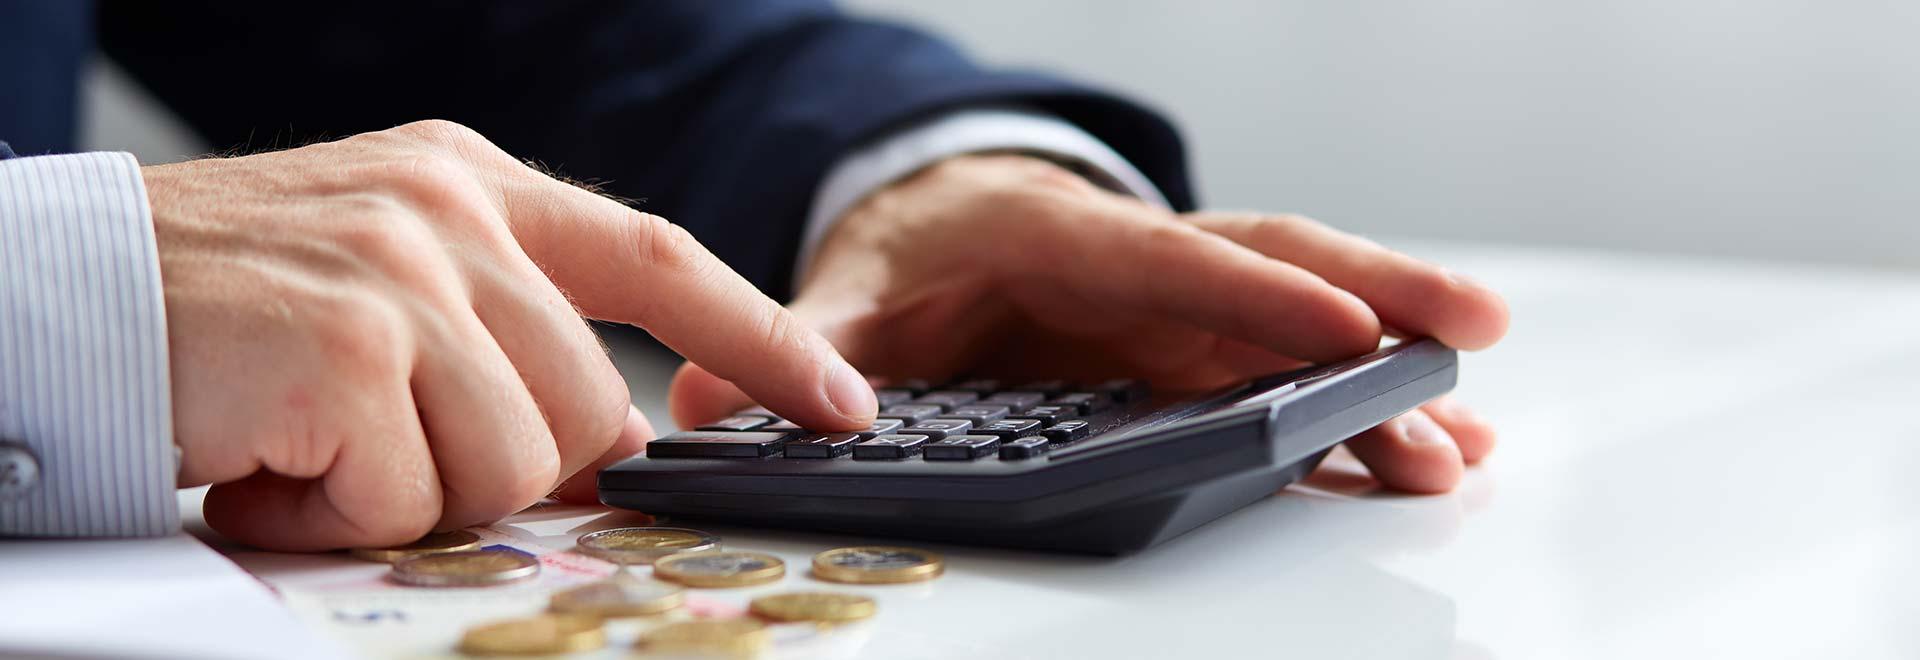 Если в договоре прописан фиксированный процент неустойки по договору, то вам нужен калькулятор расчёта договорной неустойки.Внимание! 24 июля года ЦБ РФ понизил ключевую ставку (ставку рефинансирования).С 27 июля .